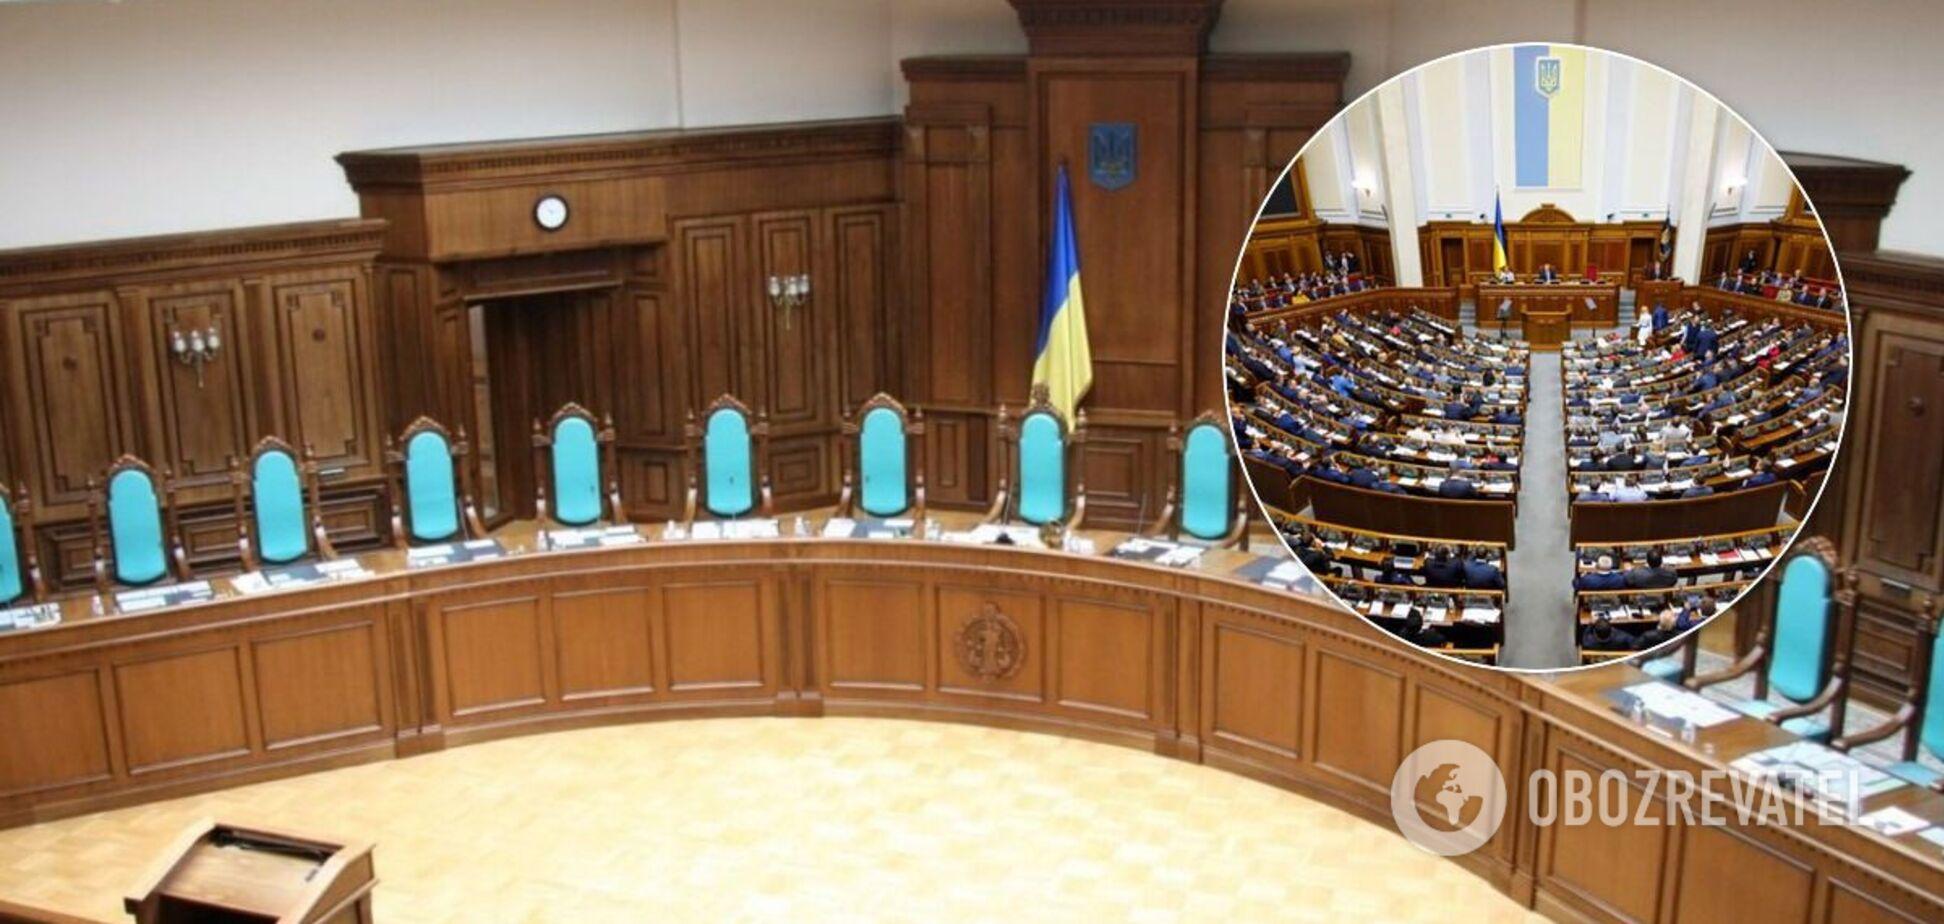 Верховной Раде уже предлагали уволить судей КСУ